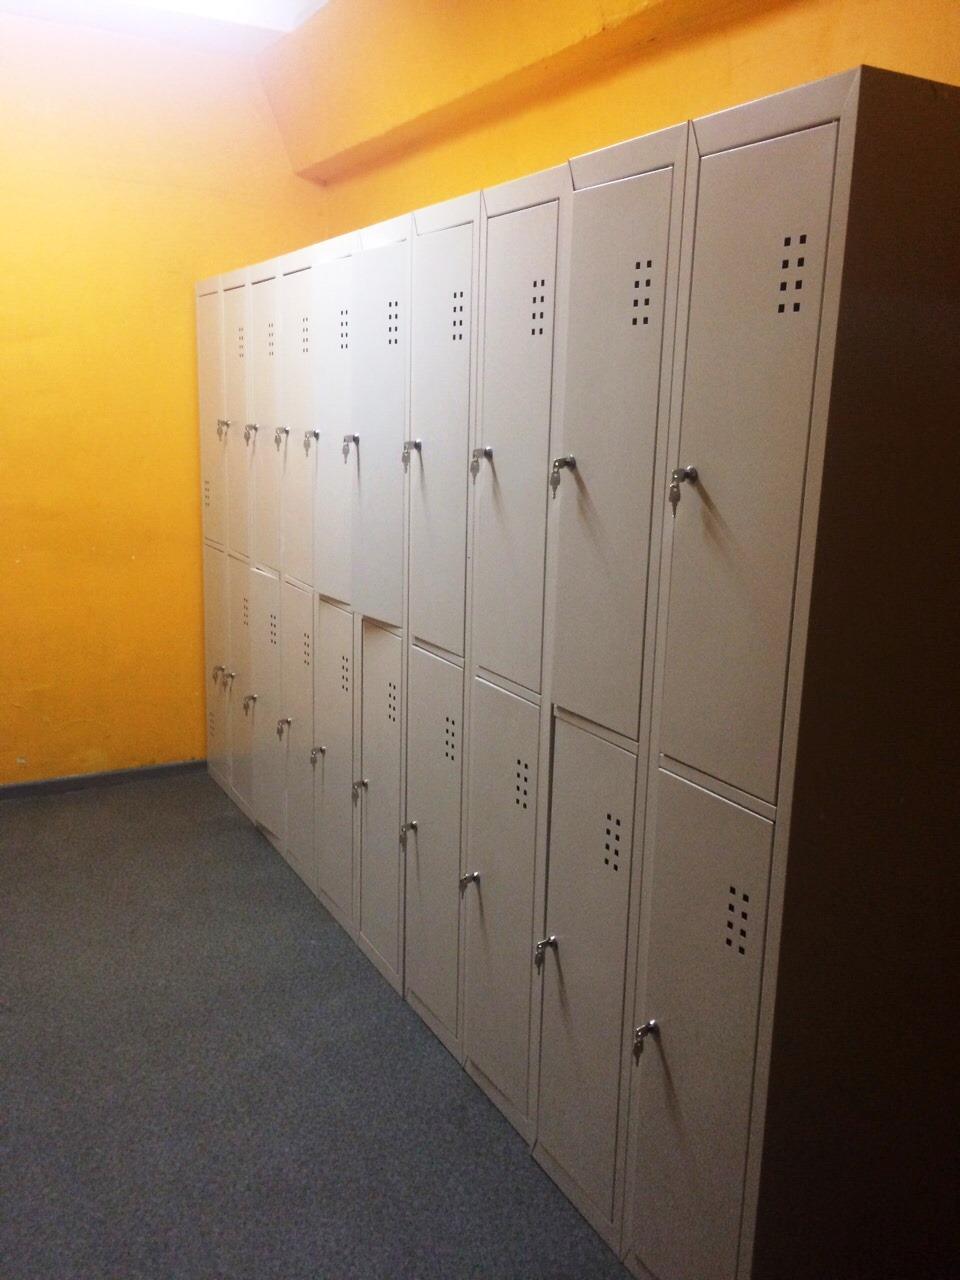 1-Спортивные шкафы для одежды и инвентаря